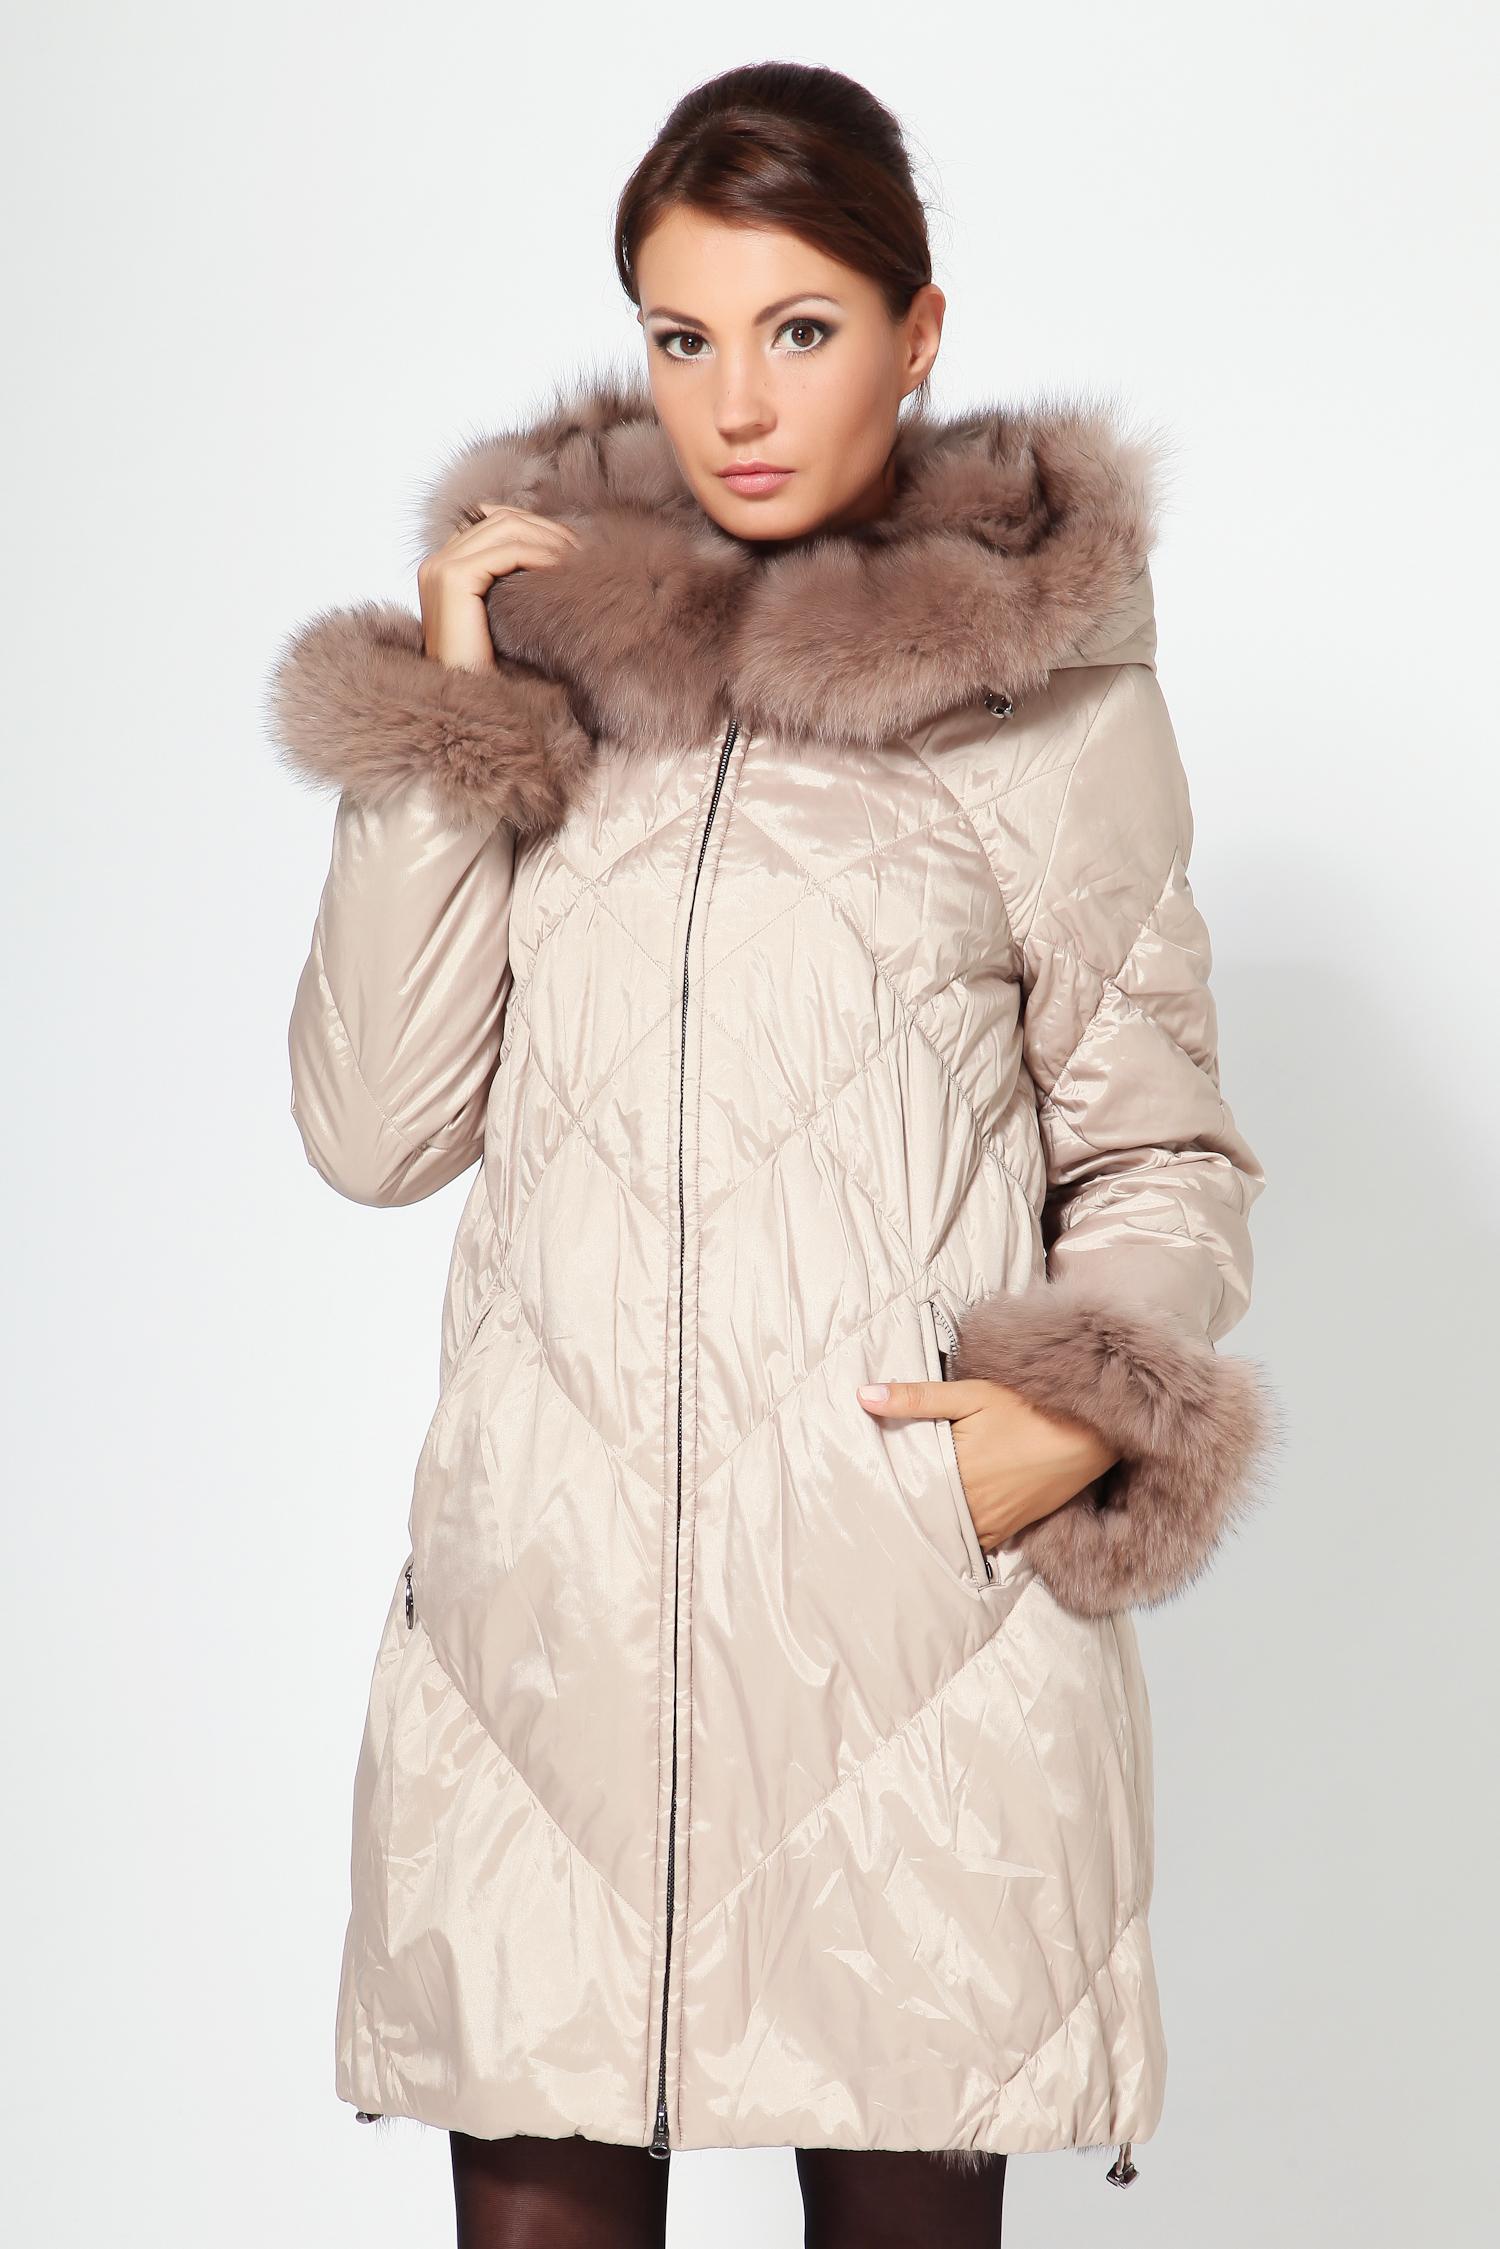 Пальто двустороннее с капюшоном, отделка песецПеред Вами весьма оригинальное двусторонее пальто цвета нежного золота с капюшоном. Одна сторона выполнена из высококачественного текстиля (отталкивает воду, легко устраняются любые загрязнения), а вторая из меха песца. Одна из главных особенностей этого изделия - это удивительная легкость, что для верхней одежды огромный плюс. Отделка капюшона выполнена из меха песца. Застегивается пихора на змейку. Эту модель можно носить до -10 градусов. Фасон прямой, низ можно стягивать на фиксирующийся шнурок. В этом пальто Вы будете выглядеть роскошно каждый день!<br><br>Воротник: Капюшон<br>Длина см: 90<br>Материал: Текстиль/песец<br>Цвет: Золото<br>Вид застежки: Песец<br>Пол: Женский